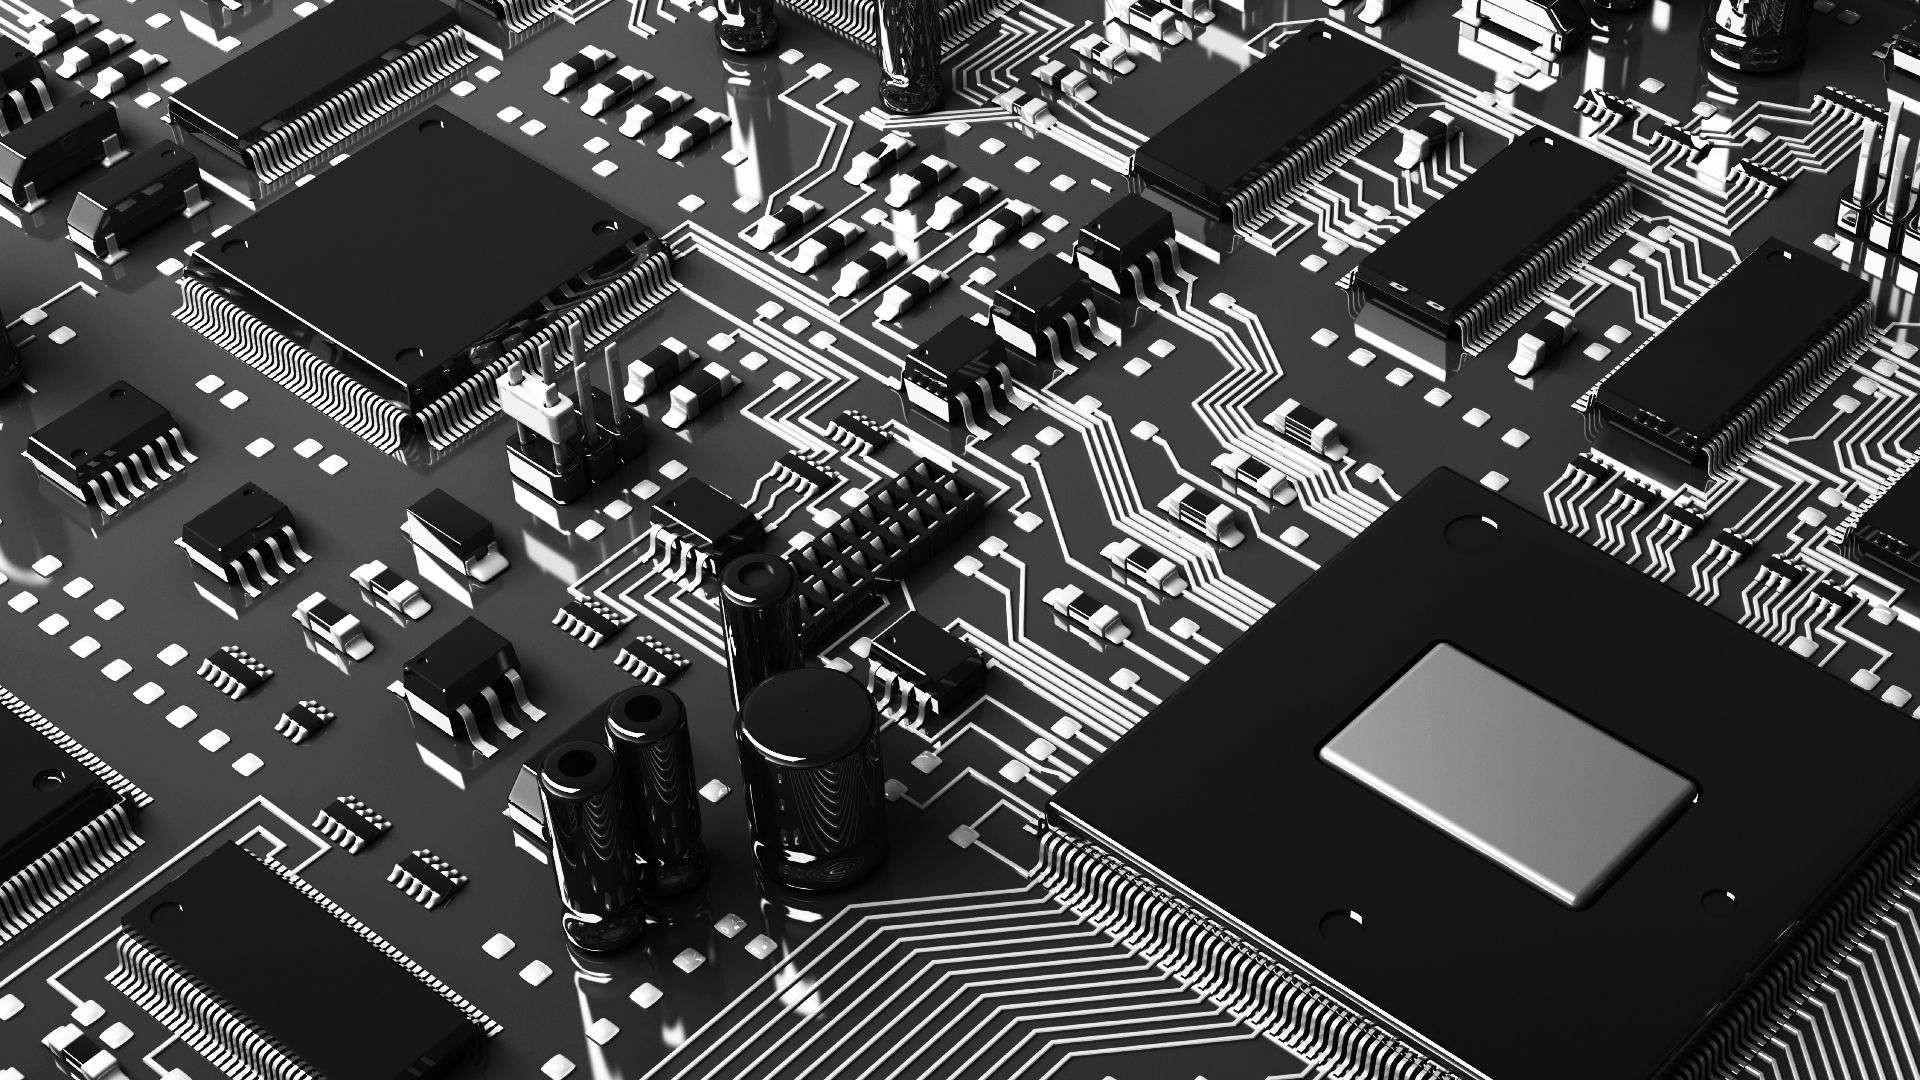 Circuitboard HD Wallpaper. « »